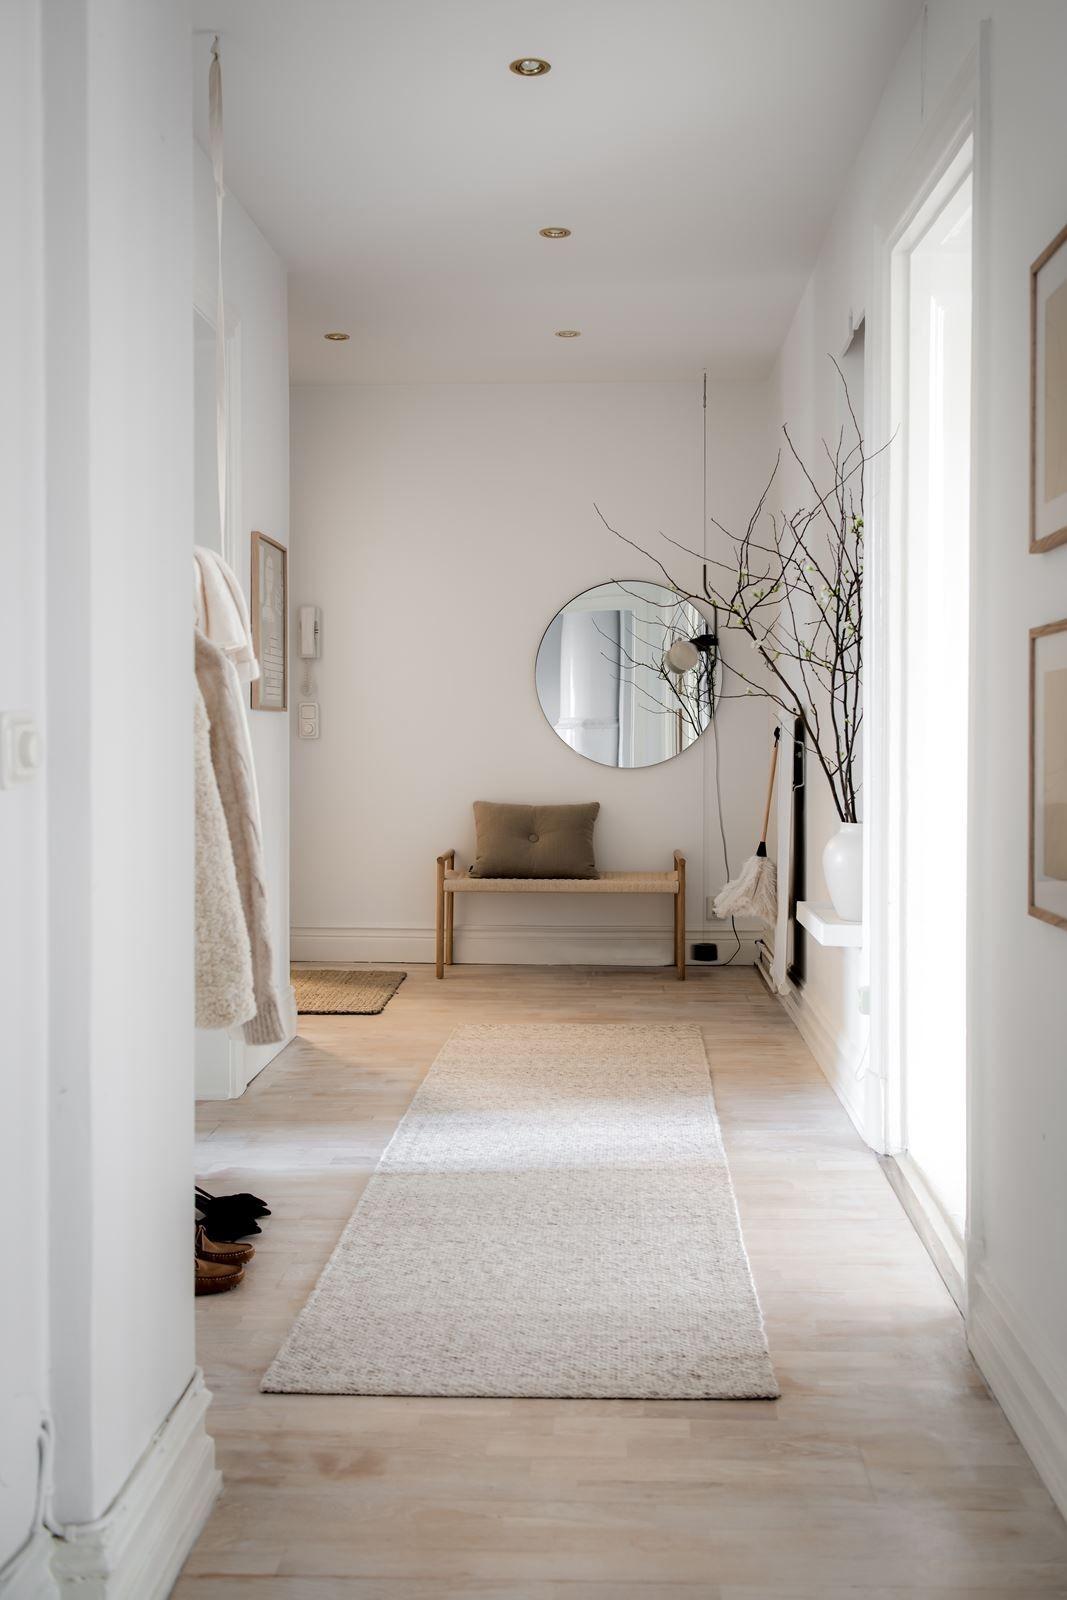 Design Japandi dans un appartement lumineux - PLANETE DECO a homes world